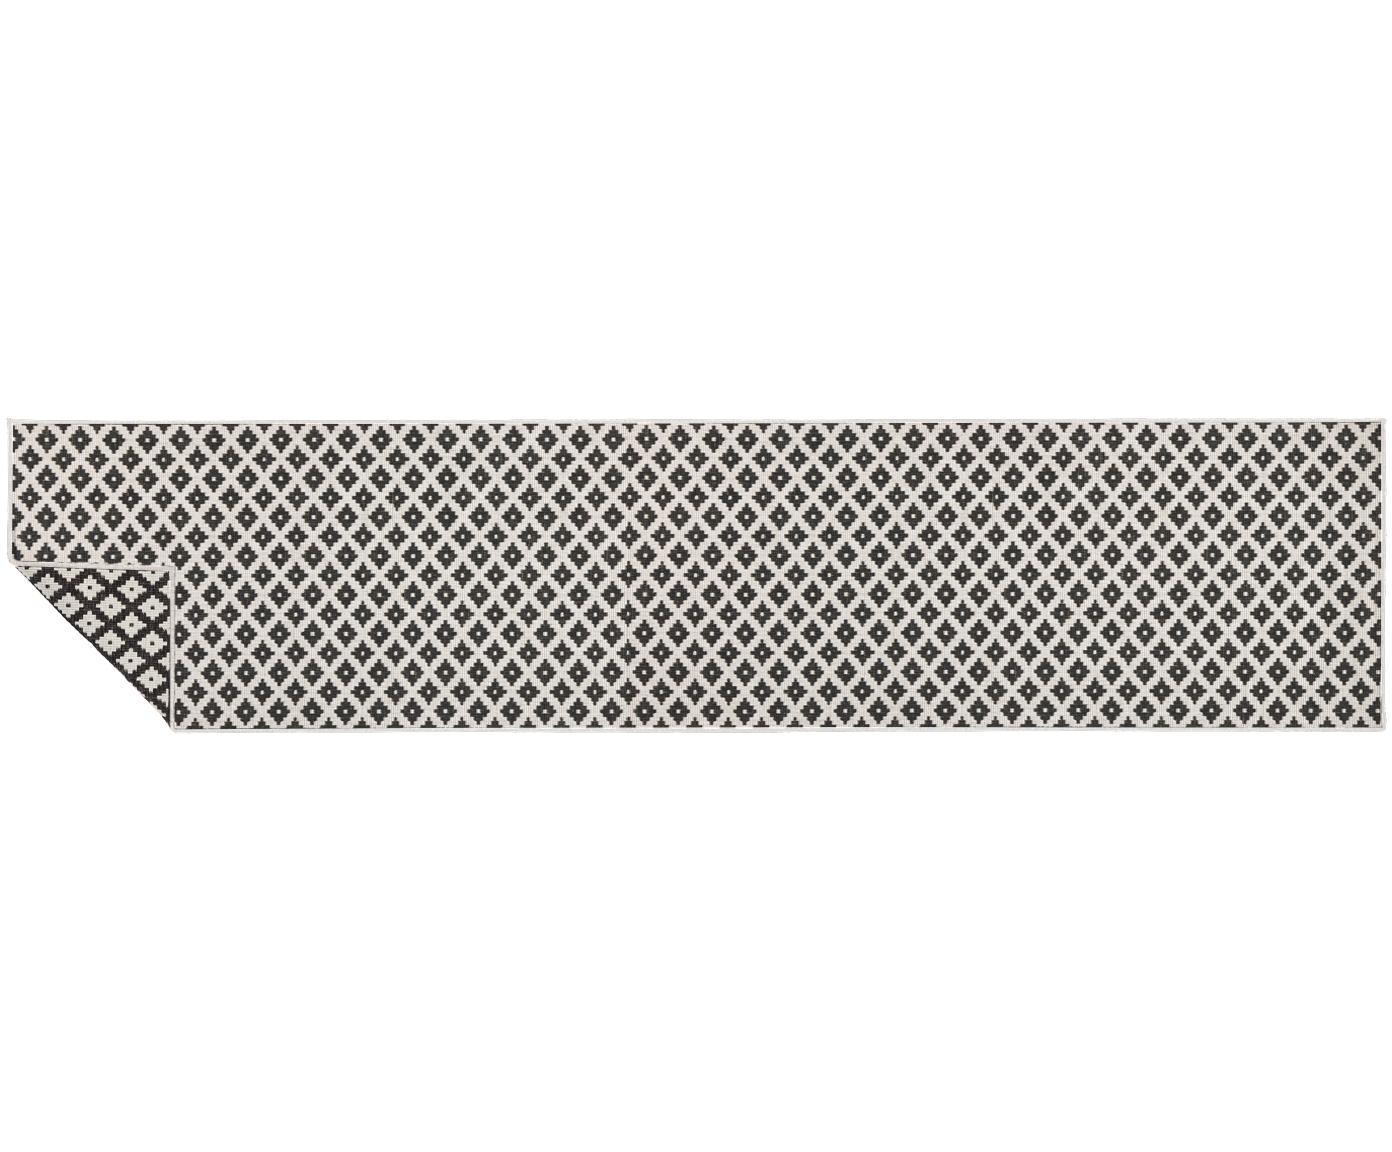 Dubbelzijdige in- & outdoor loper Nizza, Zwart, crèmekleurig, 80 x 350 cm